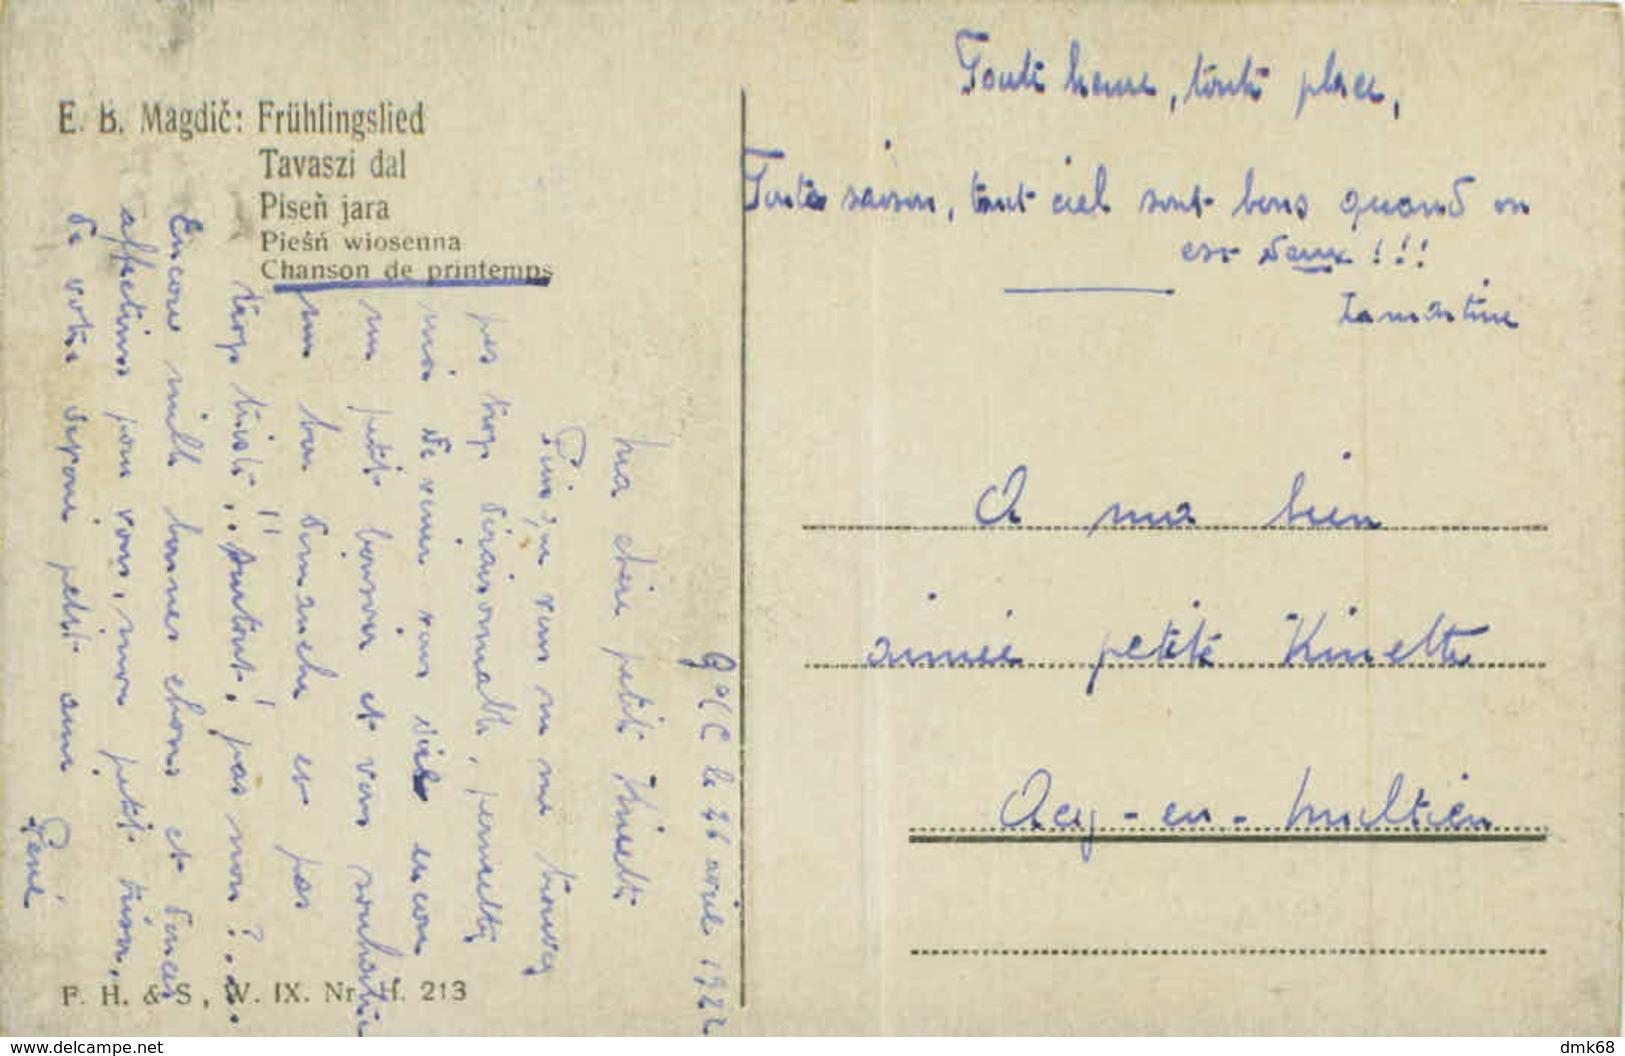 E.B. MAGDIC SIGNED 1910s POSTCARD - CHANSON DE PRINTEMPS - F.H.& S. W. IX - Nr. 213 (BG312) - Illustrateurs & Photographes